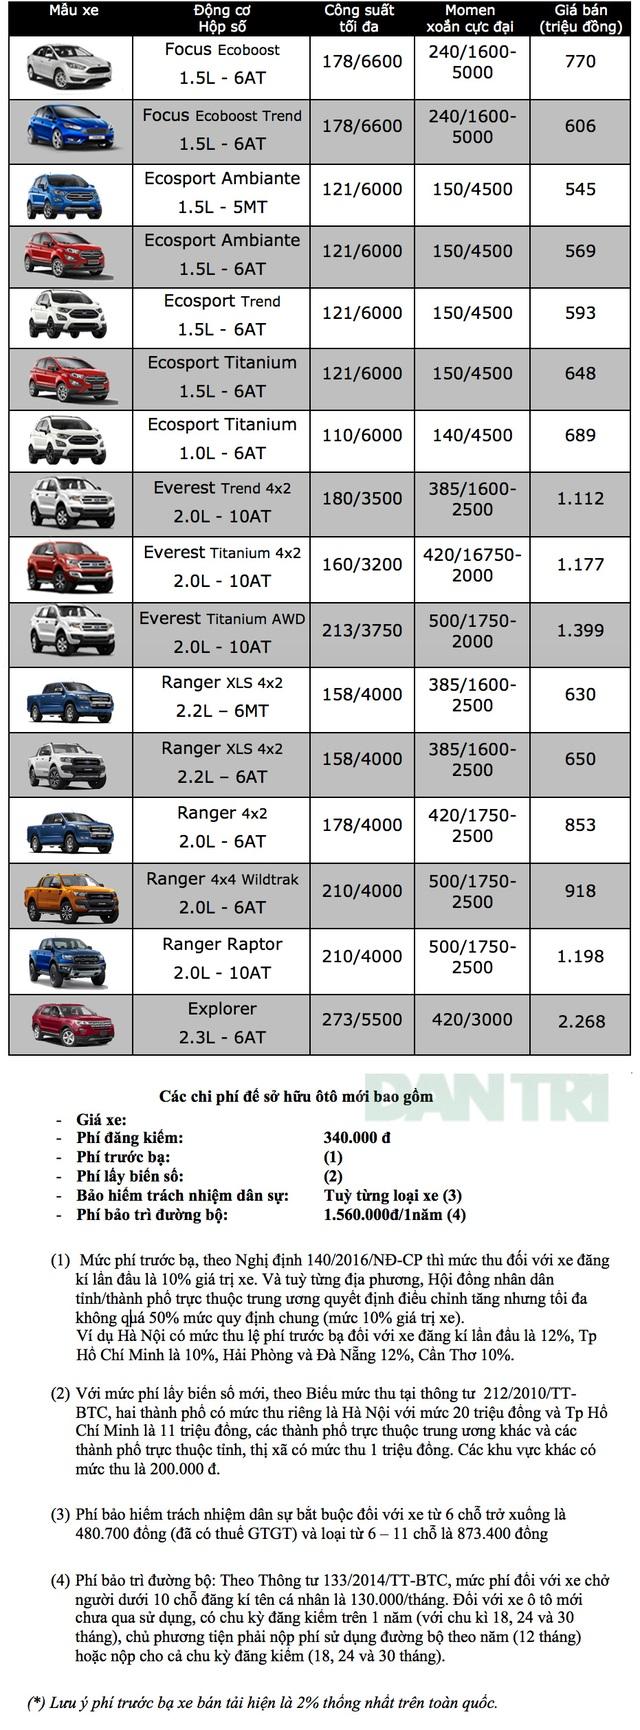 Bảng giá xe Ford tại Việt Nam cập nhật tháng 3/2019